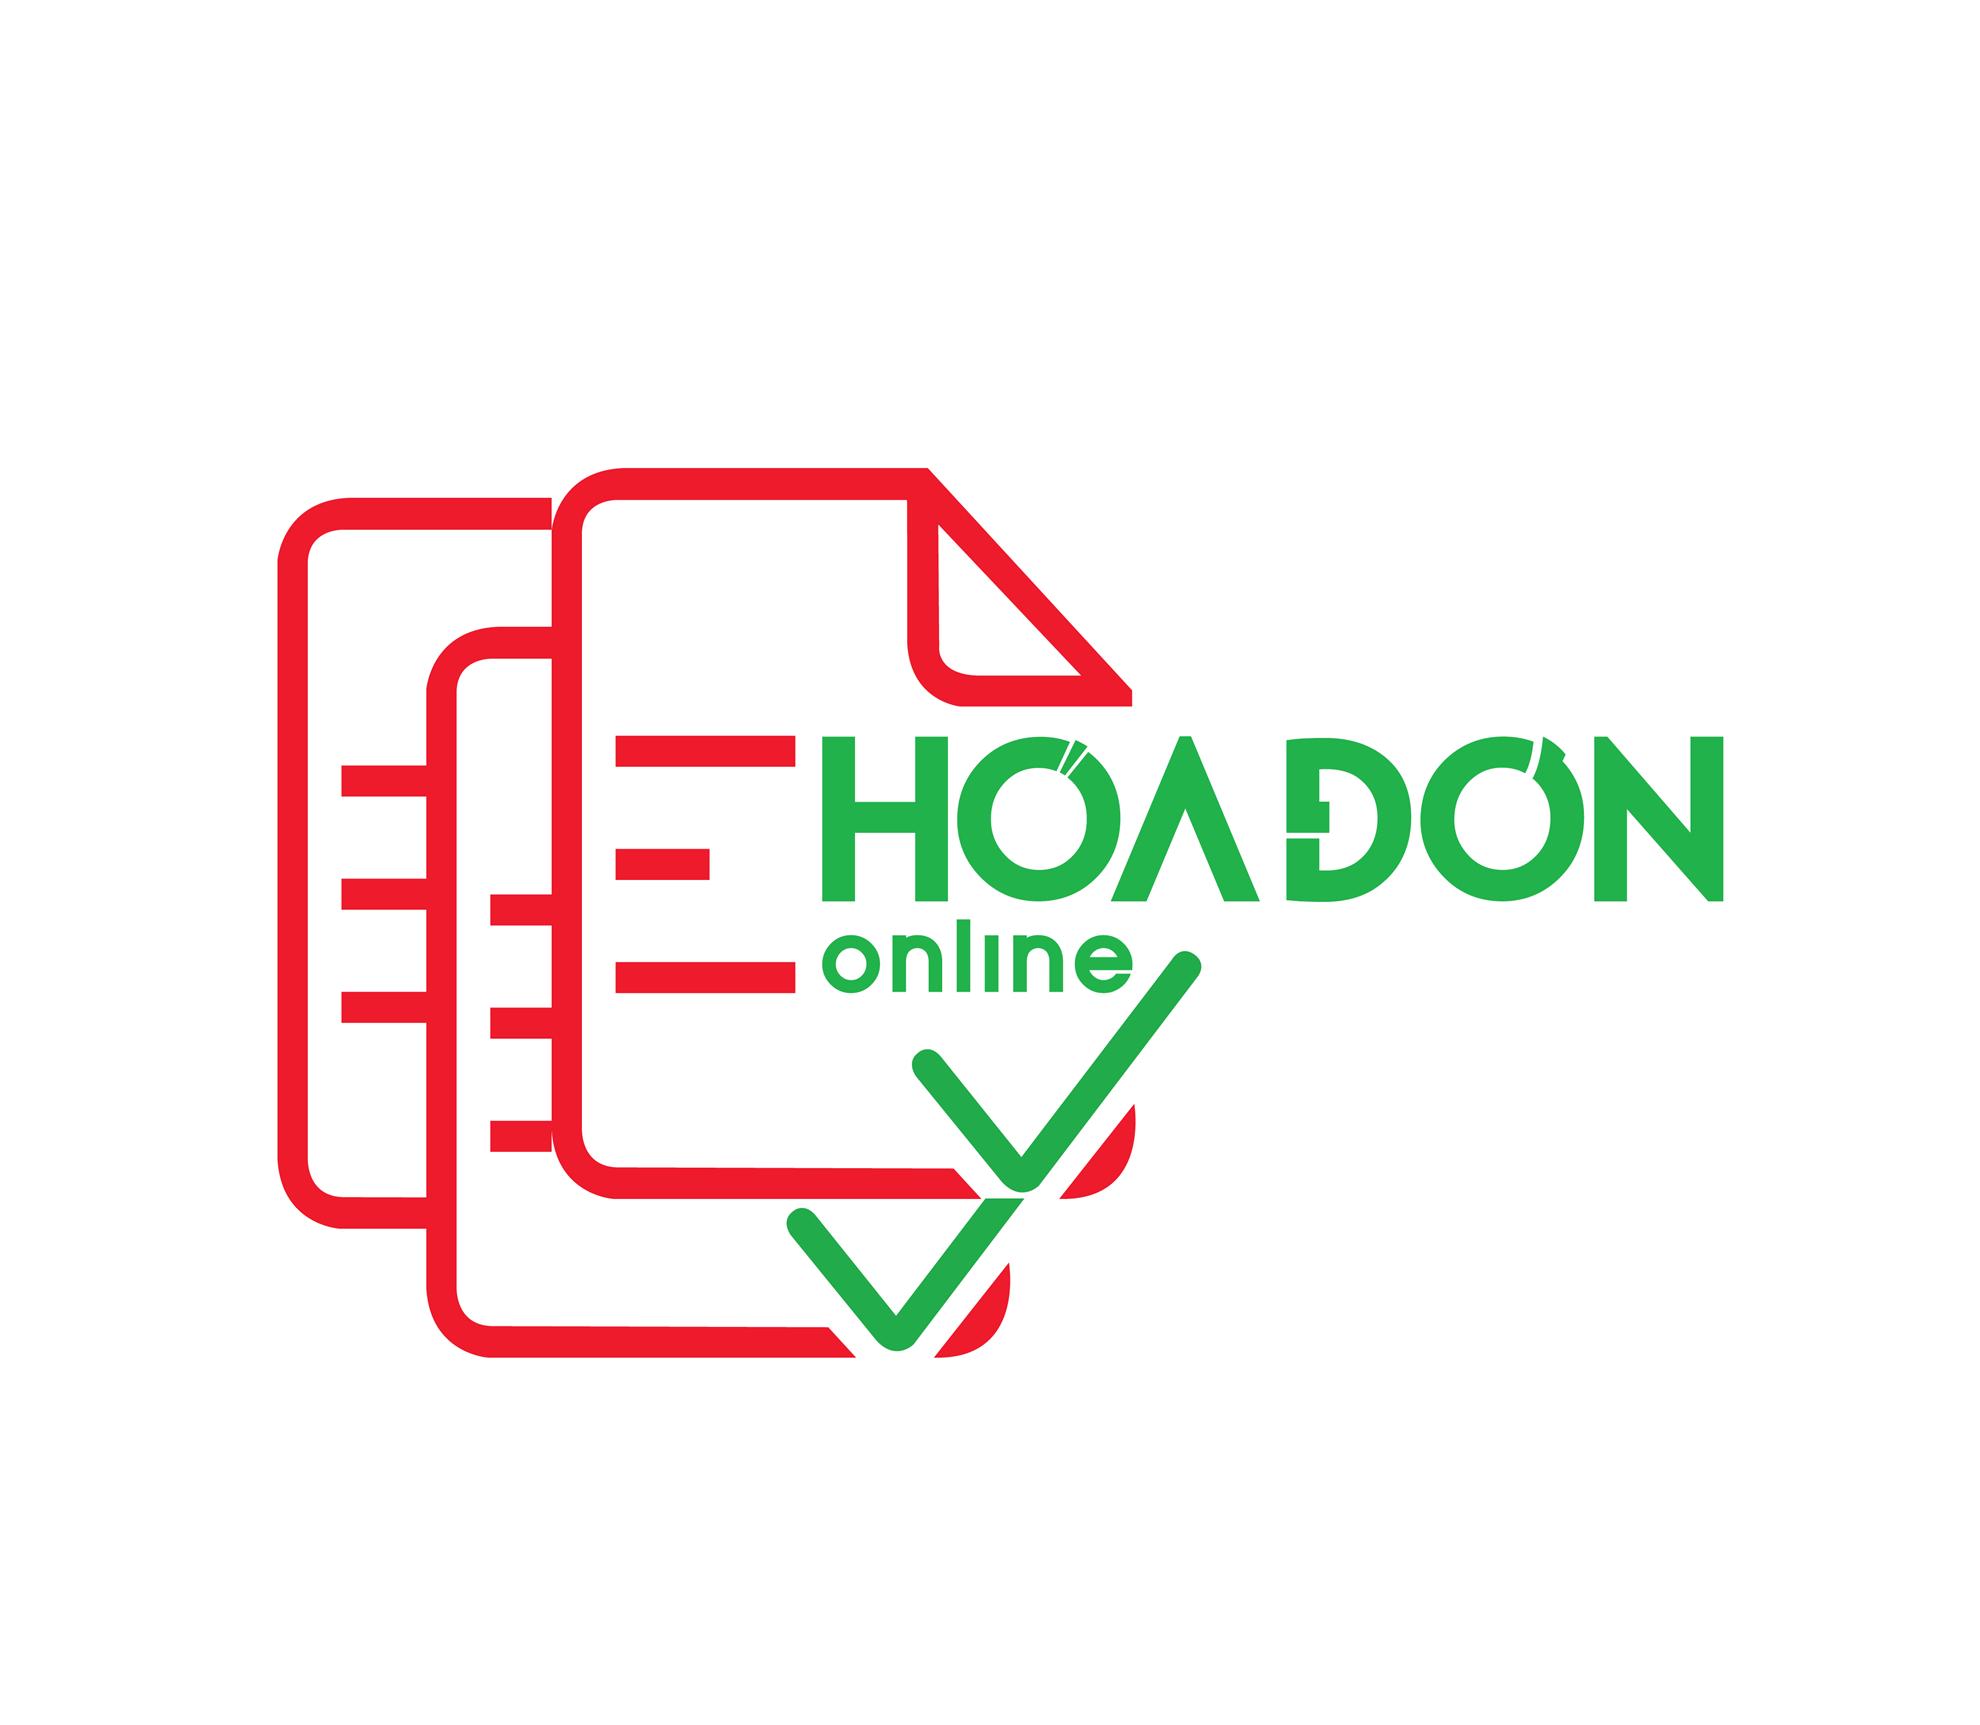 Cục thuế Hà Nam: Từ 1/11/2020 doanh nghiệp chuyển sang áp dụng hóa đơn điện tử